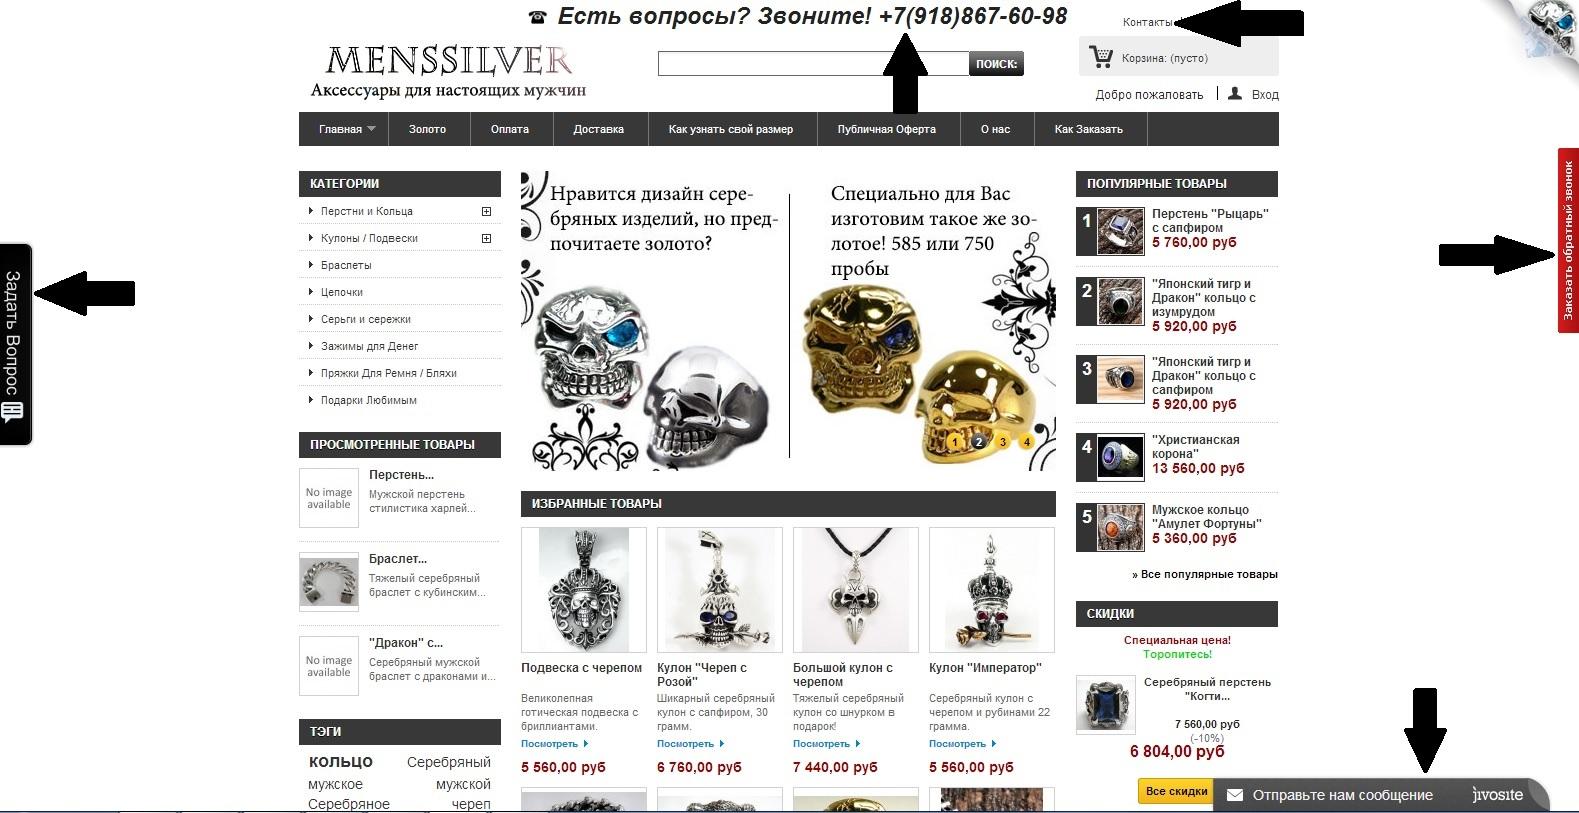 купить серебряное мужское кольцо перстень браслет цепочку кулон подвески онлайн в интернет-магазине menssilver.ru